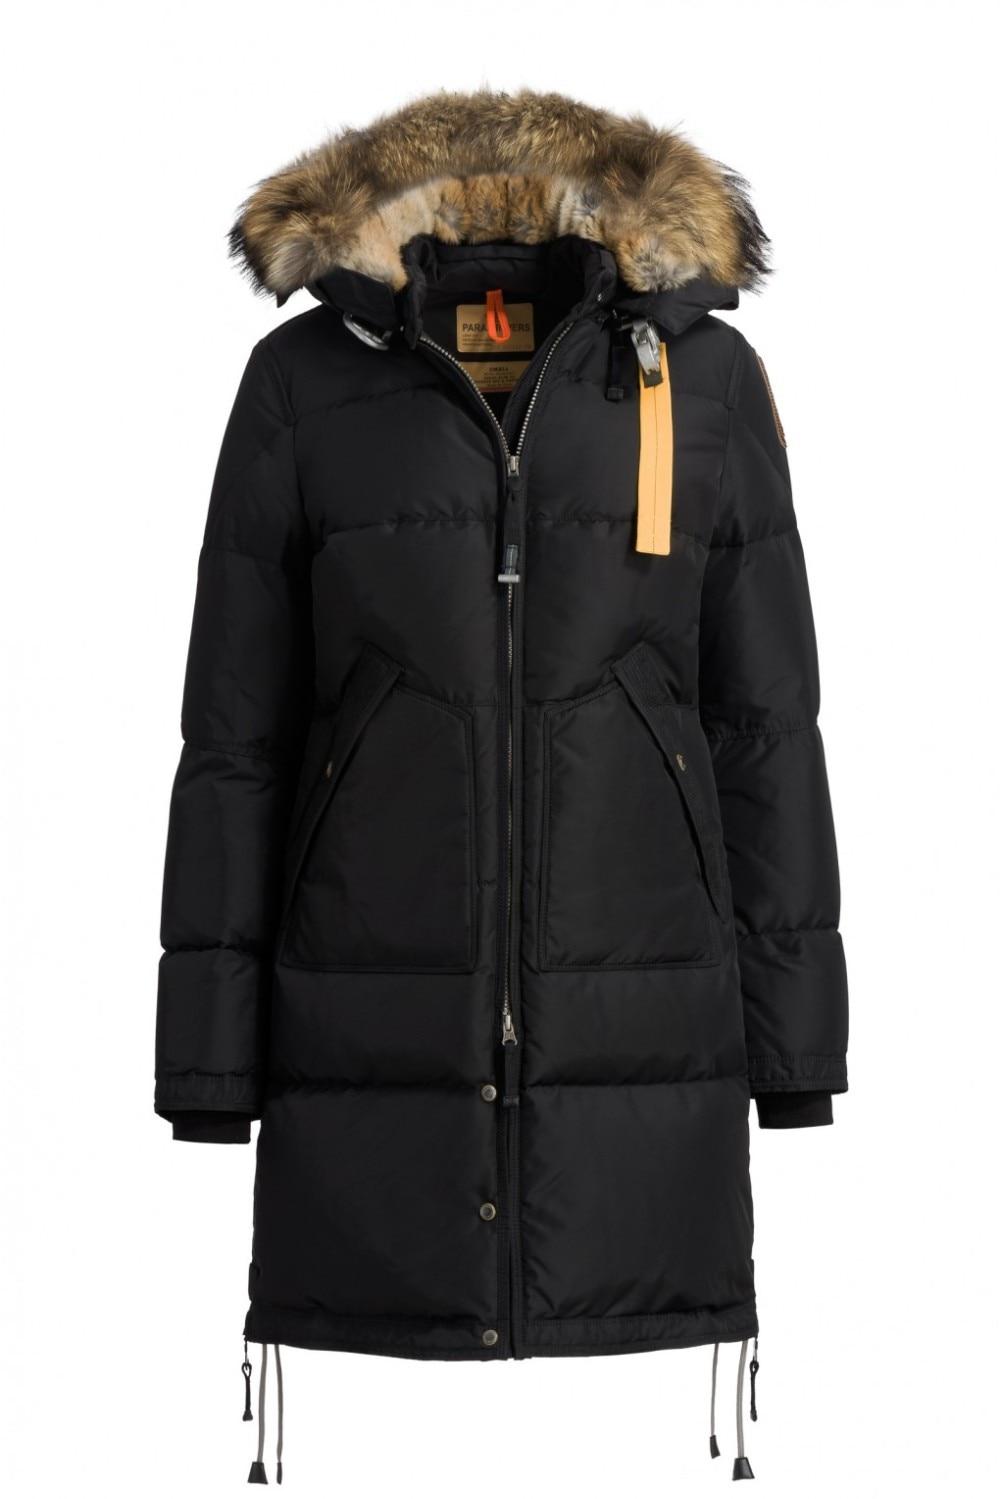 2018 hiver chaud ski Vers Le Bas Veste vers le bas longue ours femmes veste vers le bas parka livraison gratuite